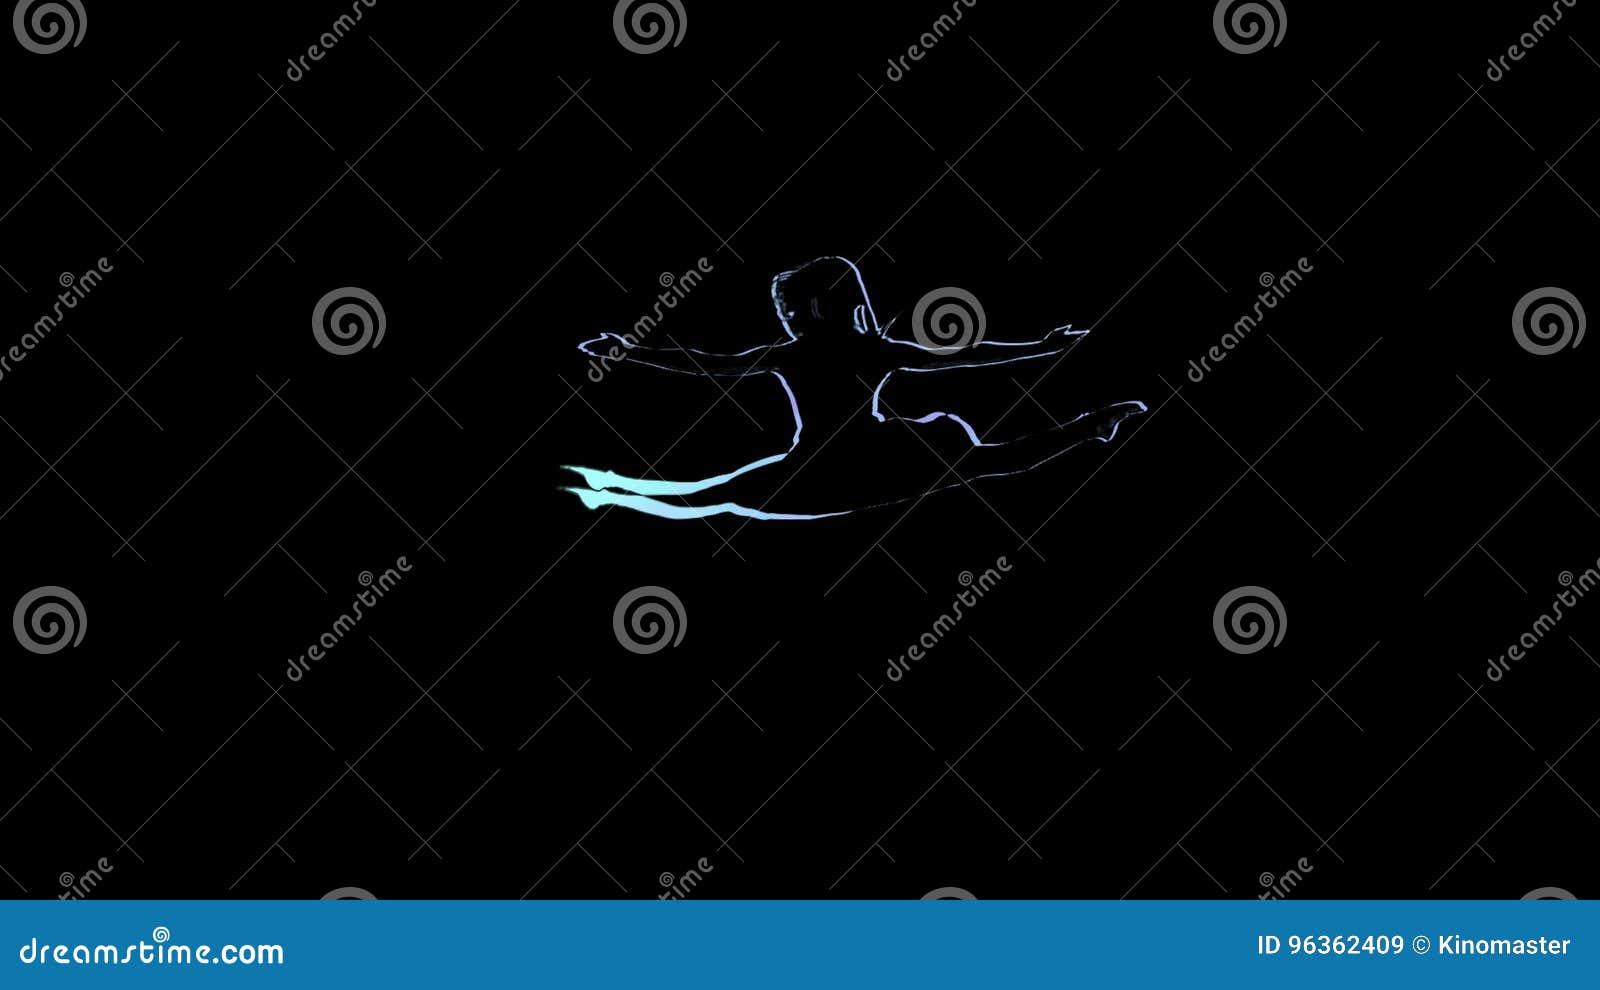 Disegno Di Una Ballerina : Booty barre muscoli affusolati e femminili da ballerina